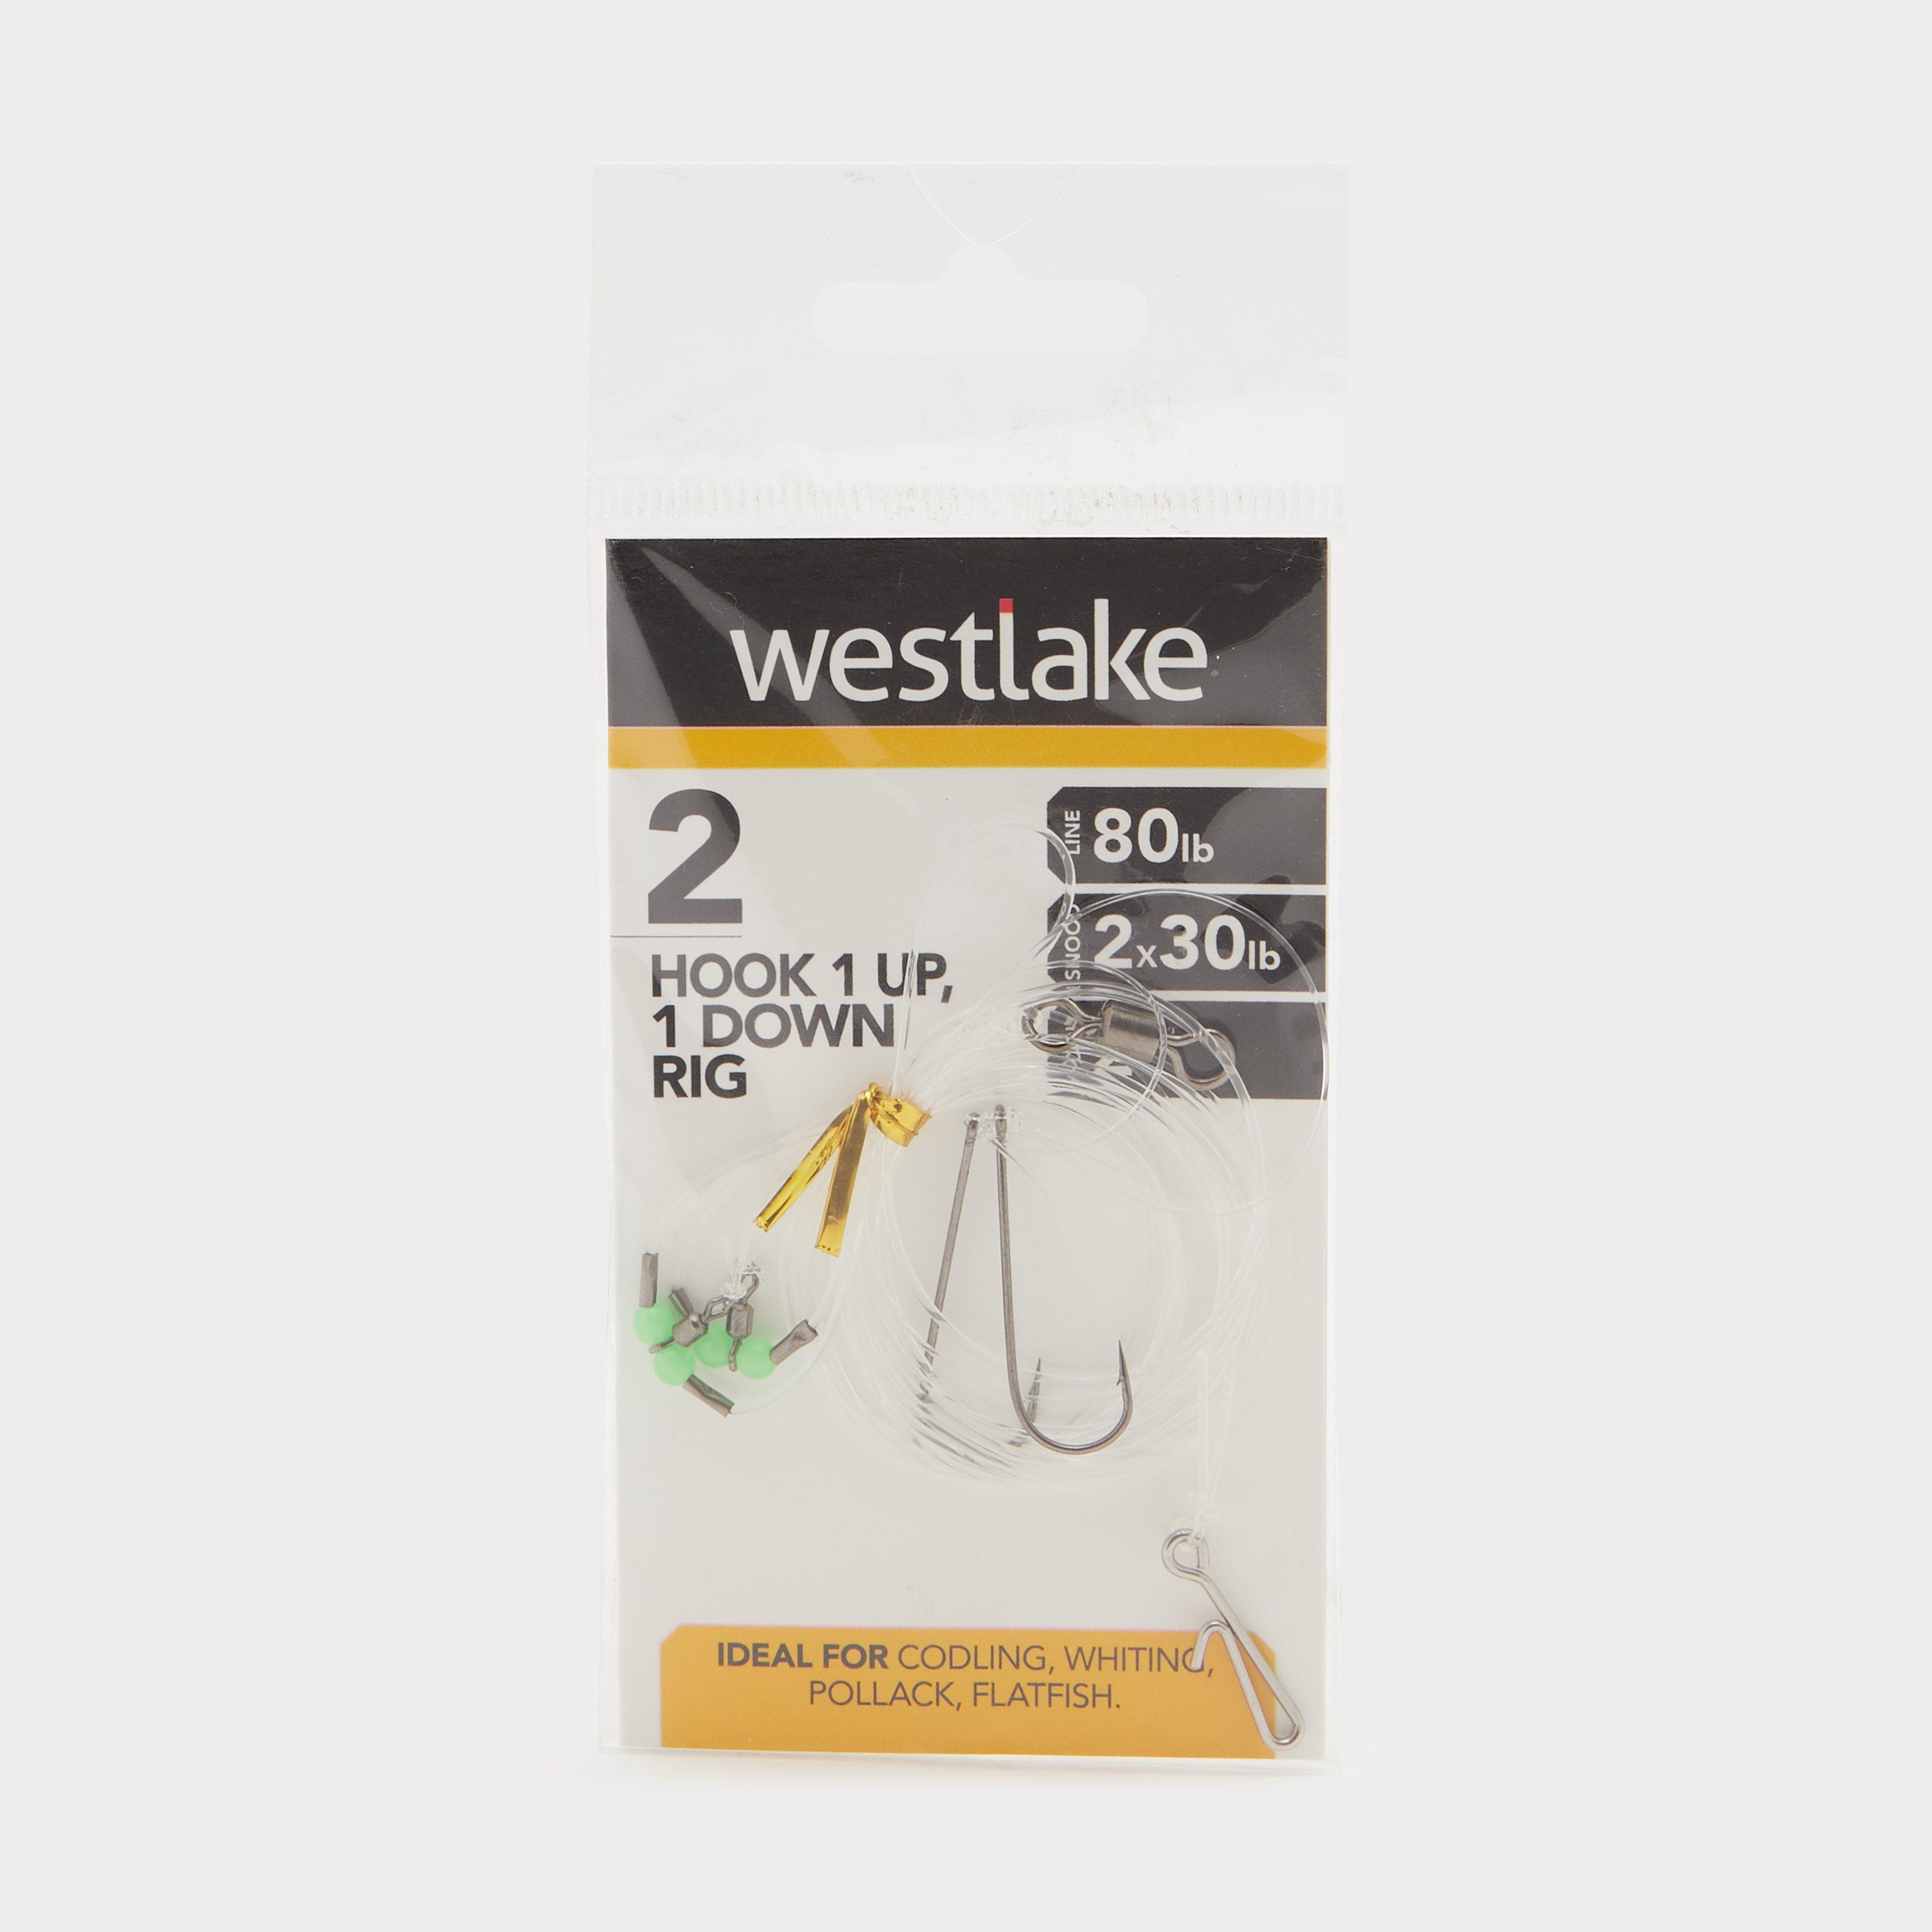 Westlake 2 Hook 1up 1down Rig - Multi/2  Multi/2